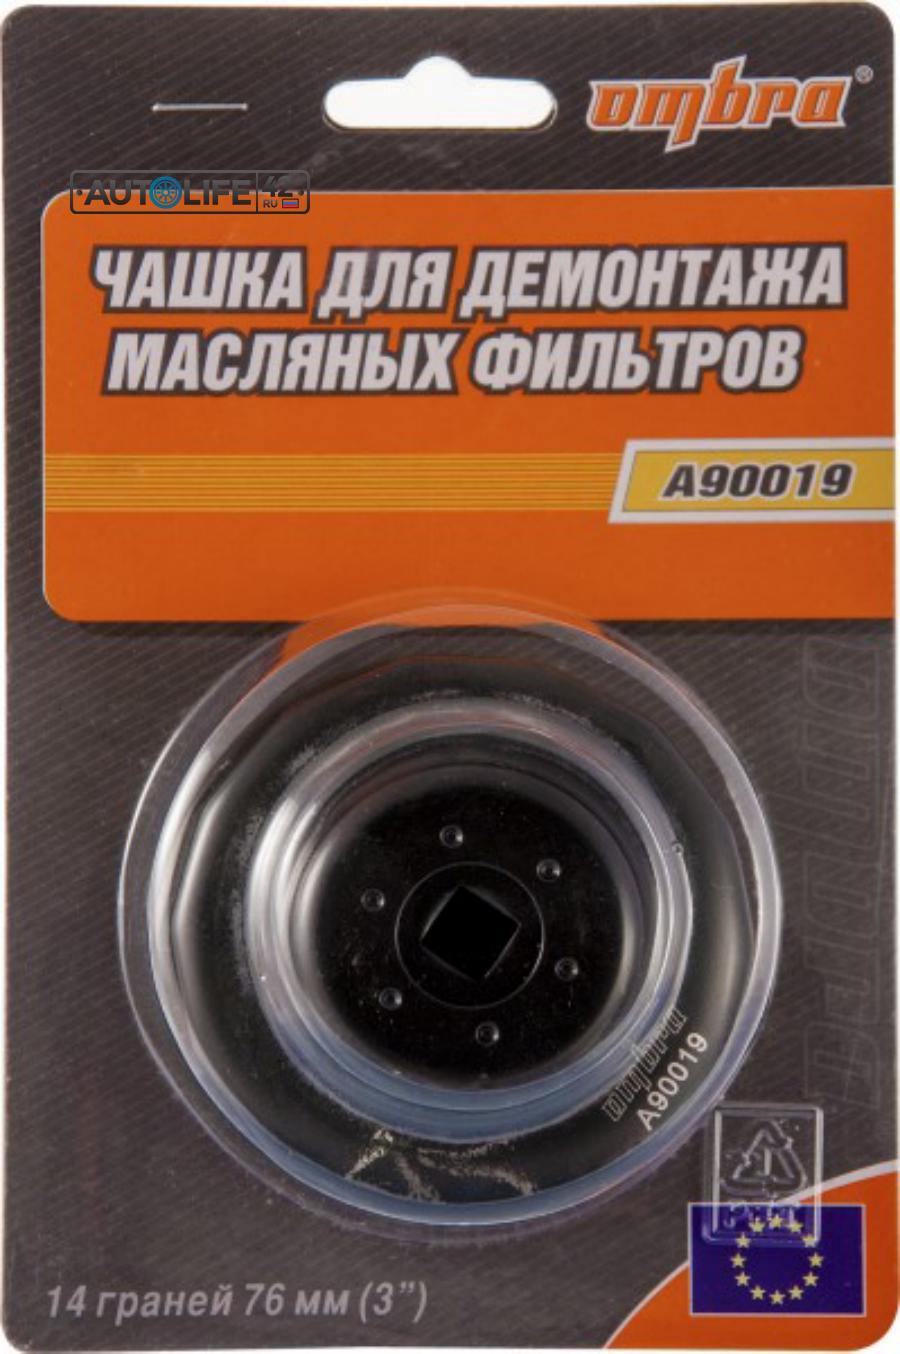 Съемник масляных фильтров чашка 76/14 черный